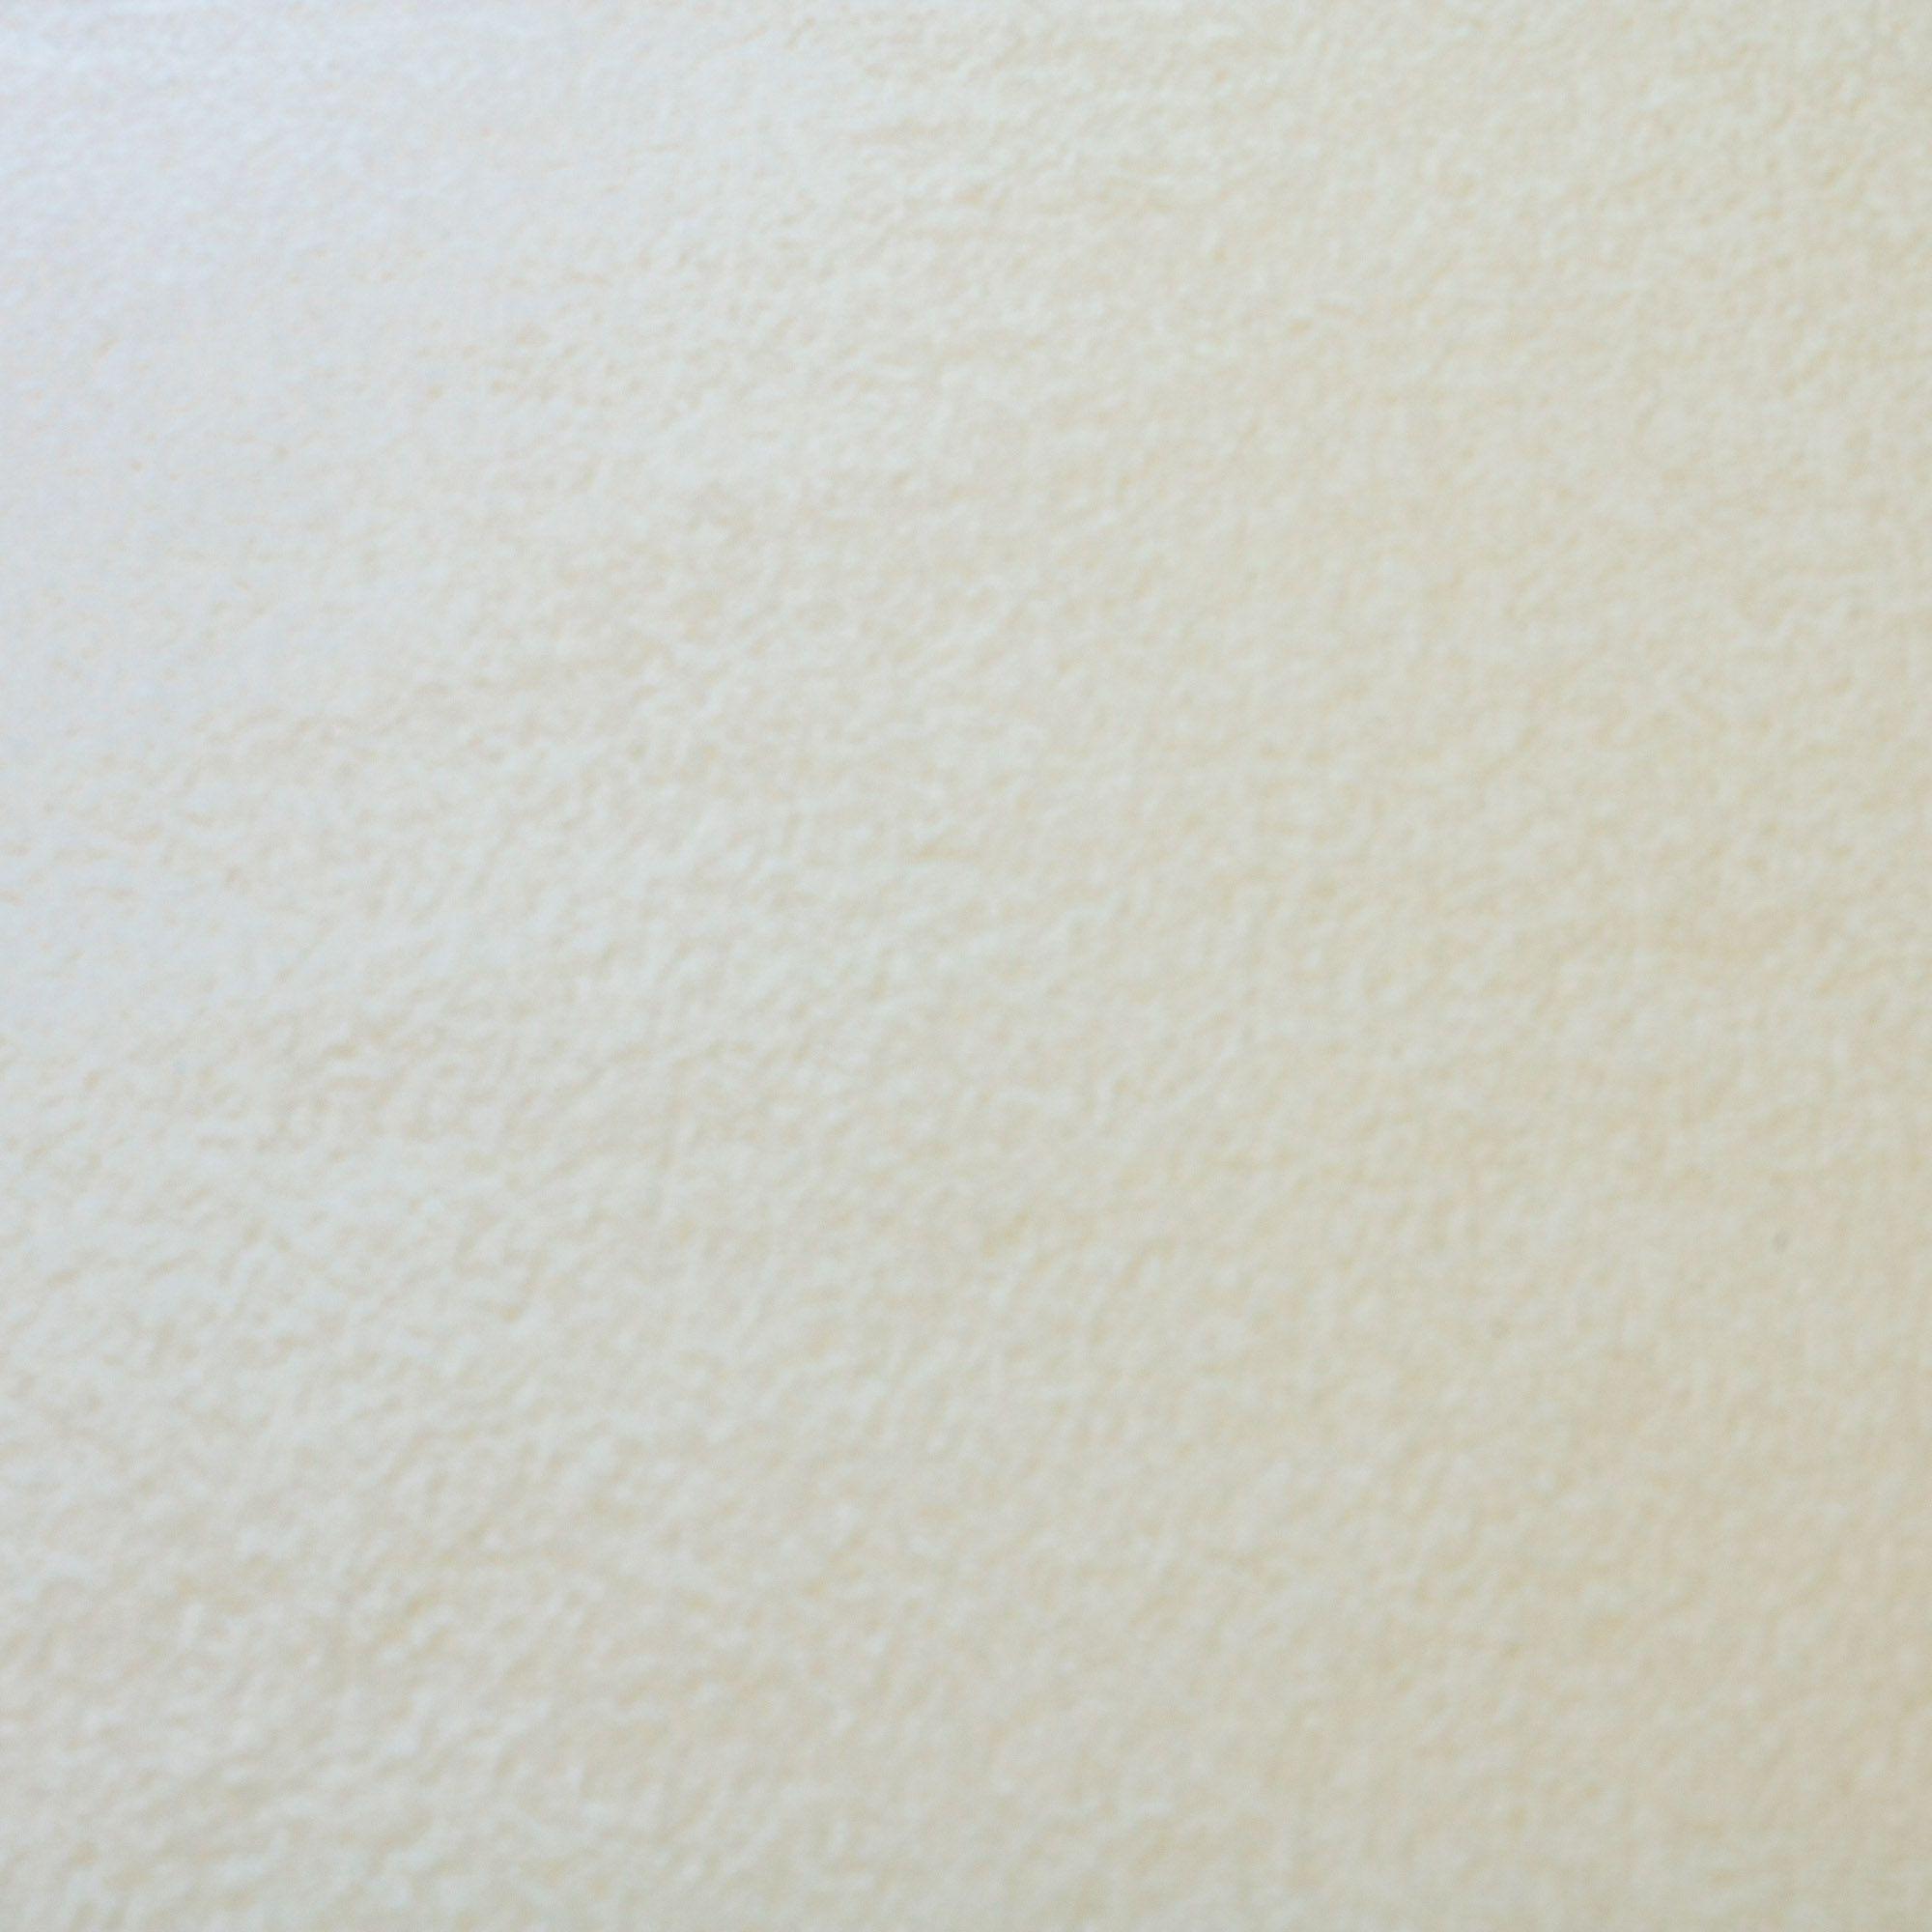 Tecido Felpudo Atoalhado Branco Dohler 100% Algodao 1,40 Mt Largura